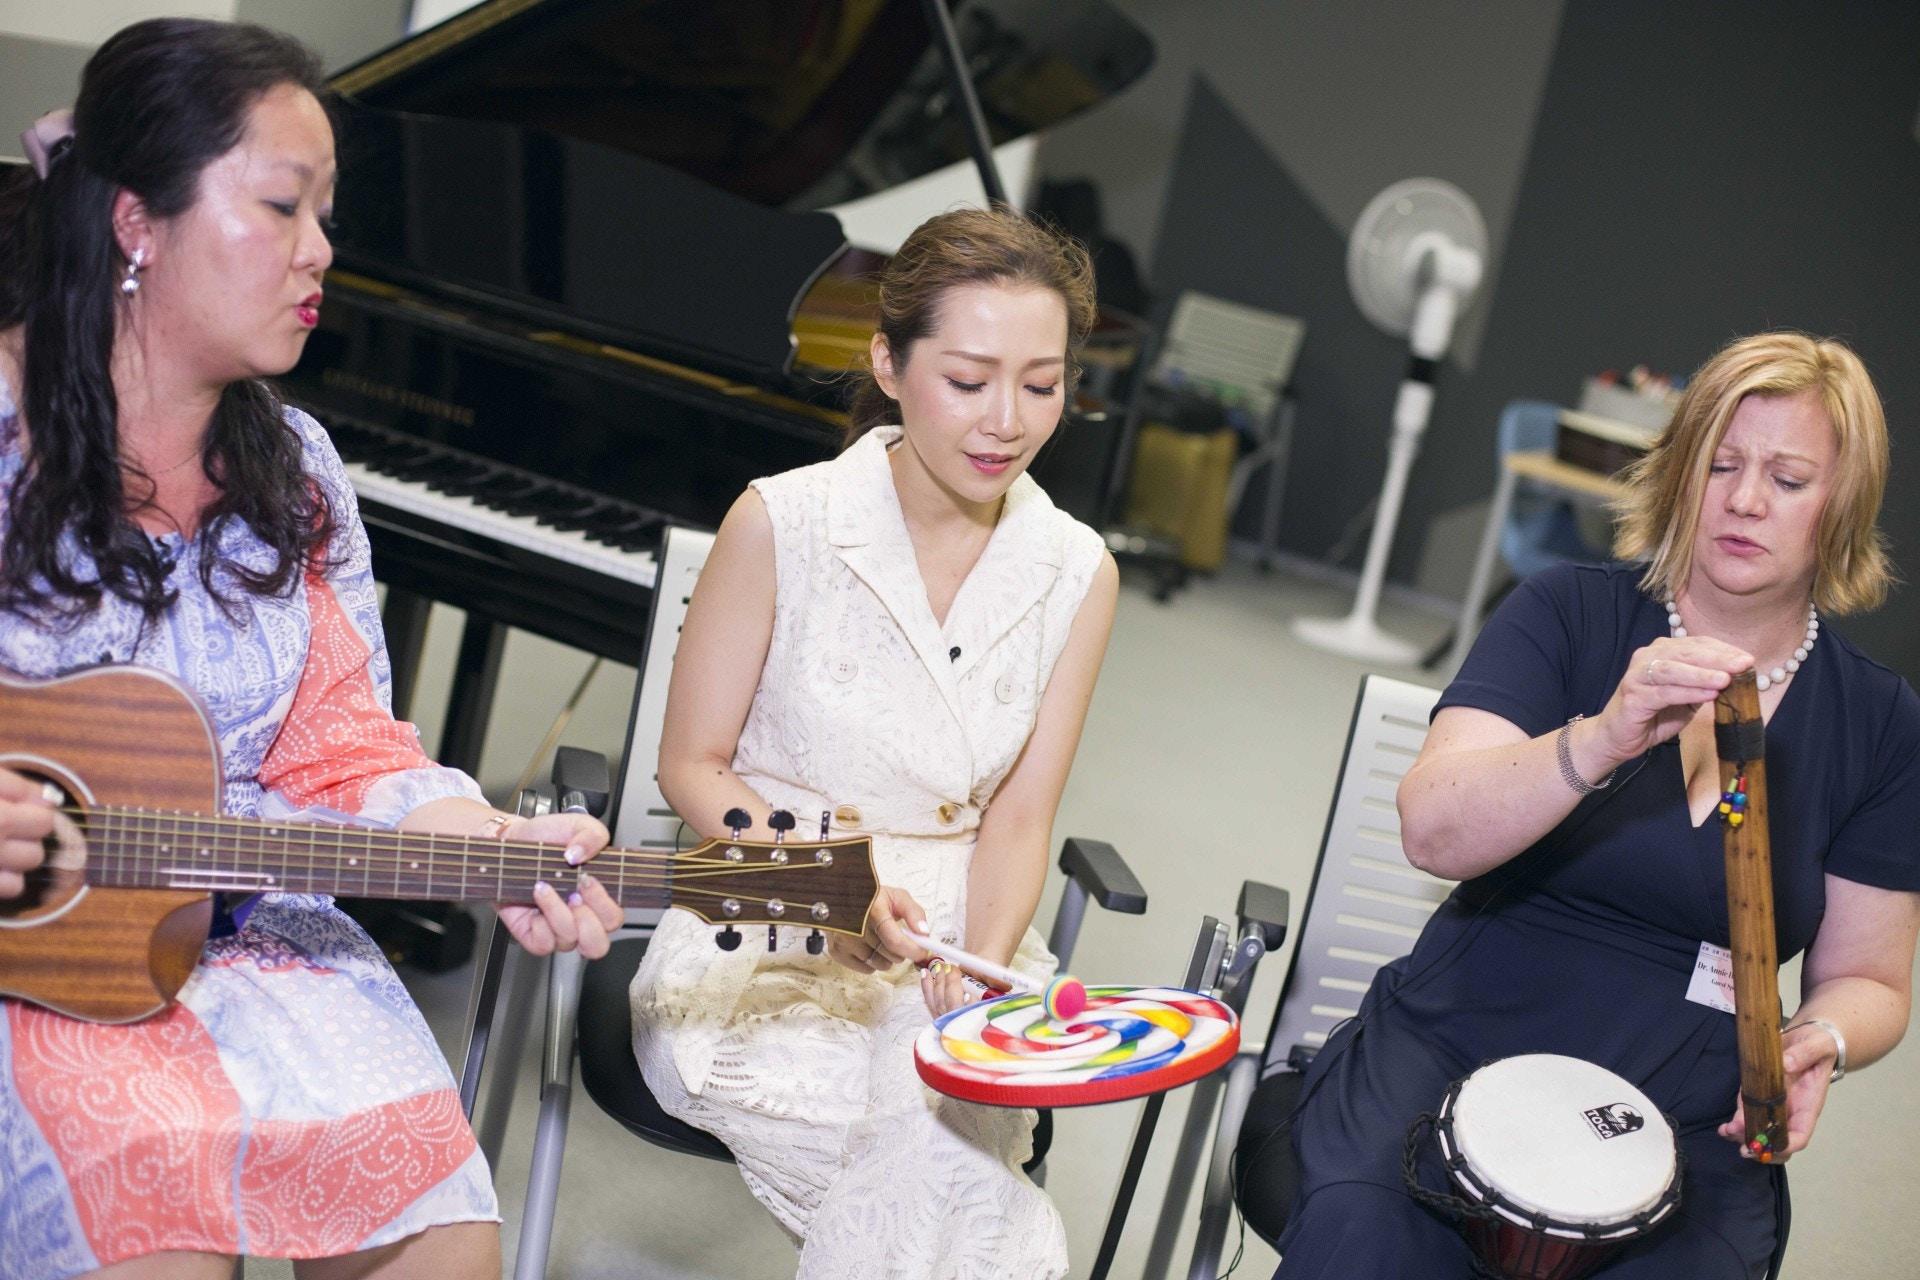 關心妍與兩位音樂治療師現場示範,如何利用音樂去為受助對象減壓。(黃寶瑩攝)